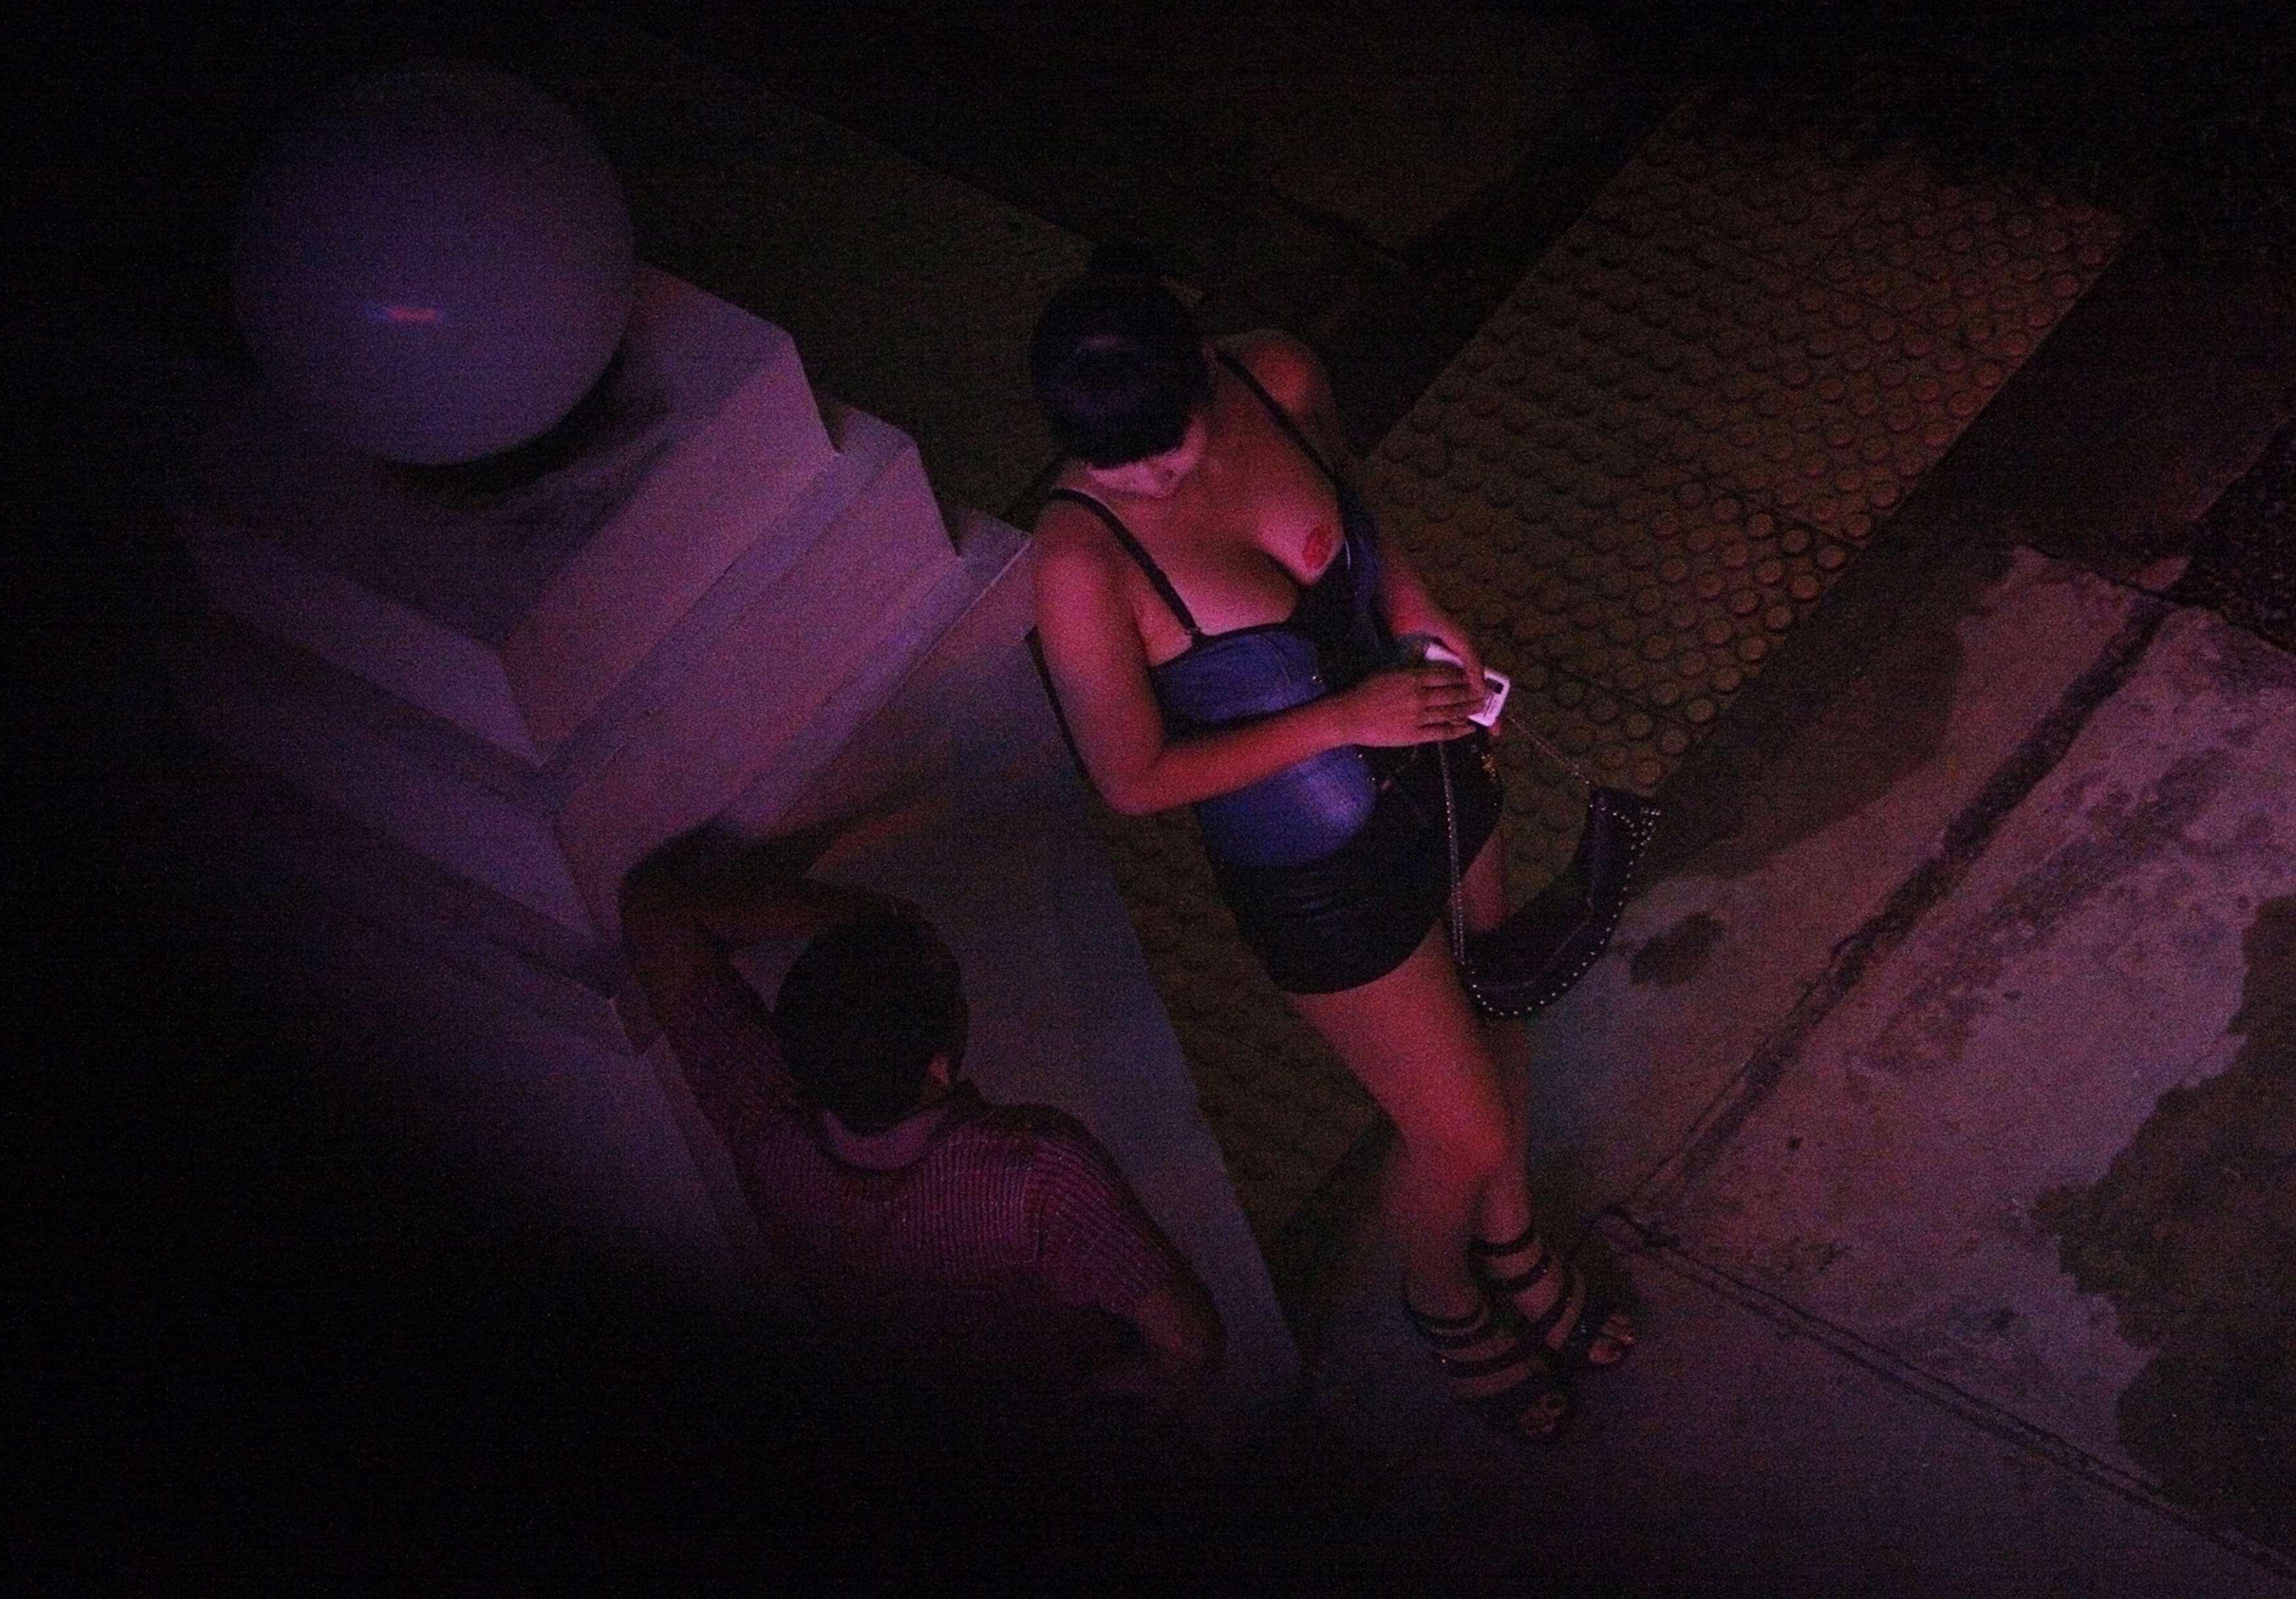 Секс бесплатно без регистрации улица красных фонарей 3 фотография